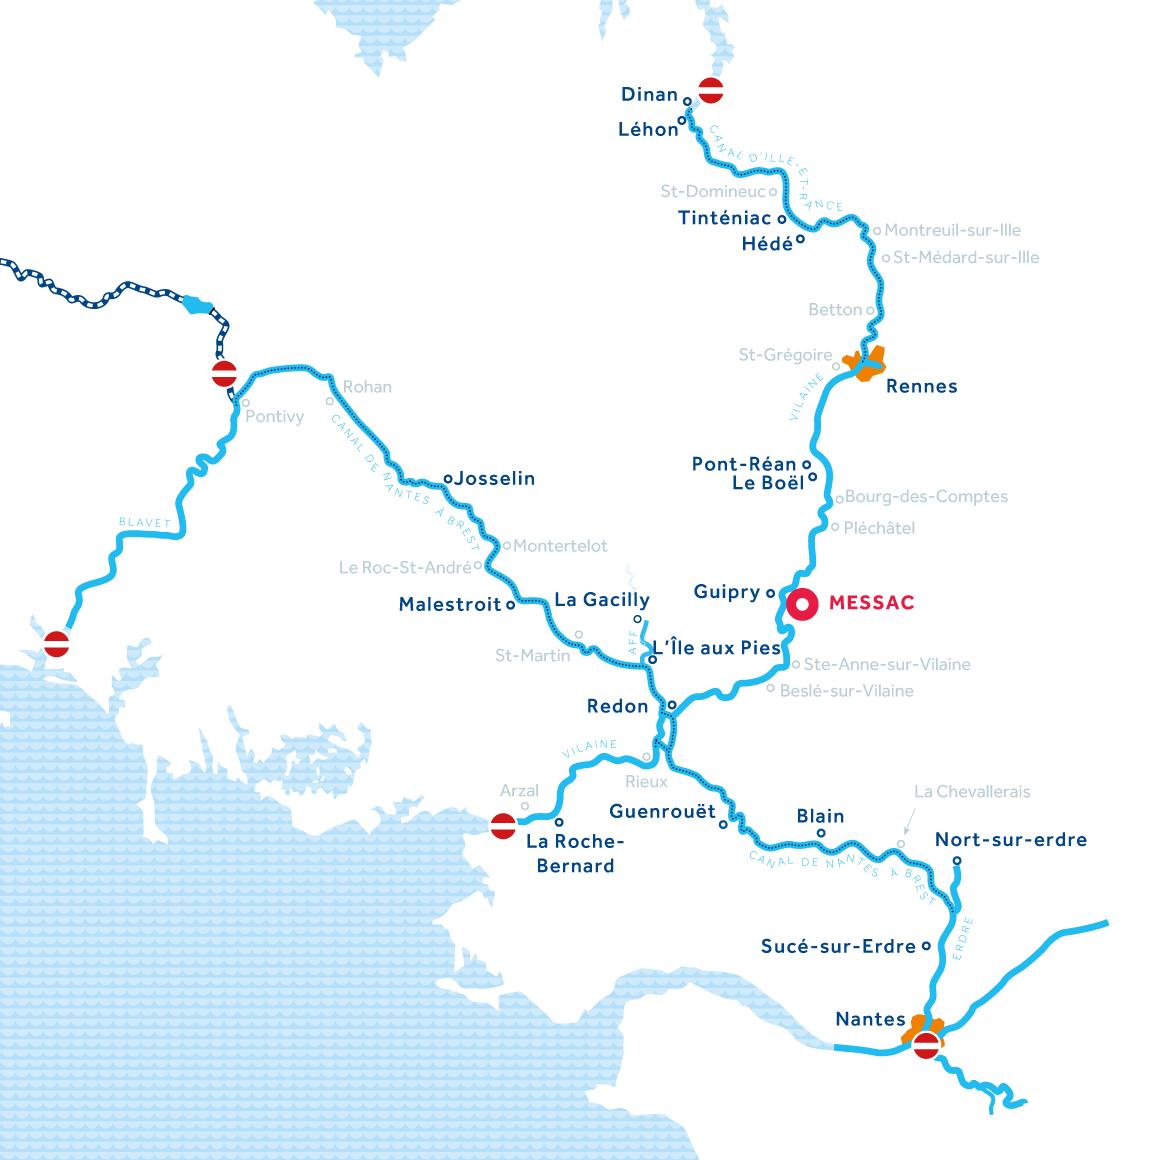 Mappa zona di navigazione Bretagna in Francia